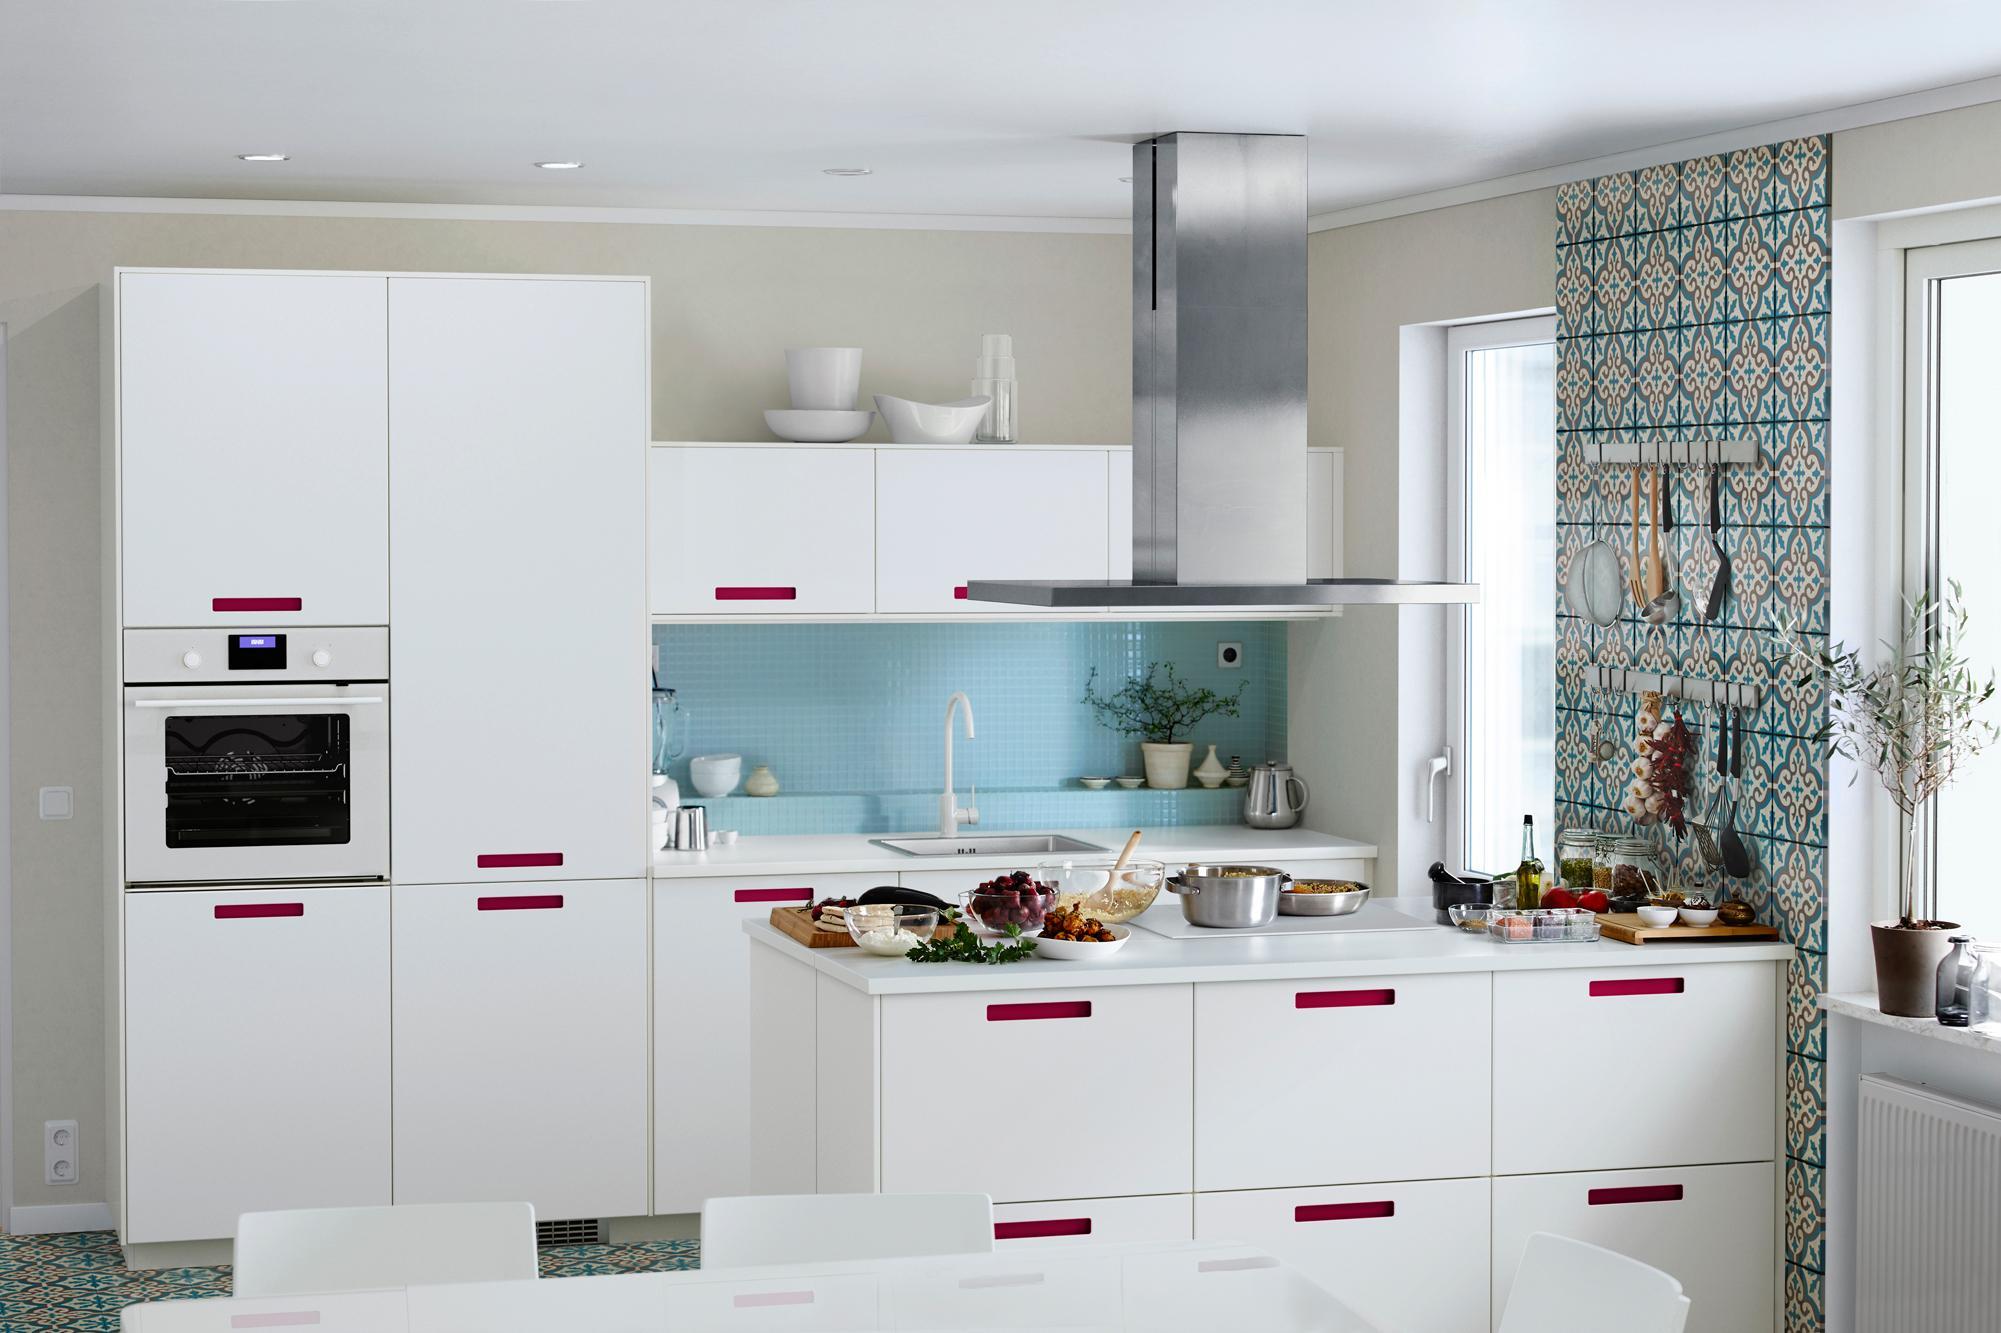 Dunkle Küche • Bilder & Ideen • COUCHstyle